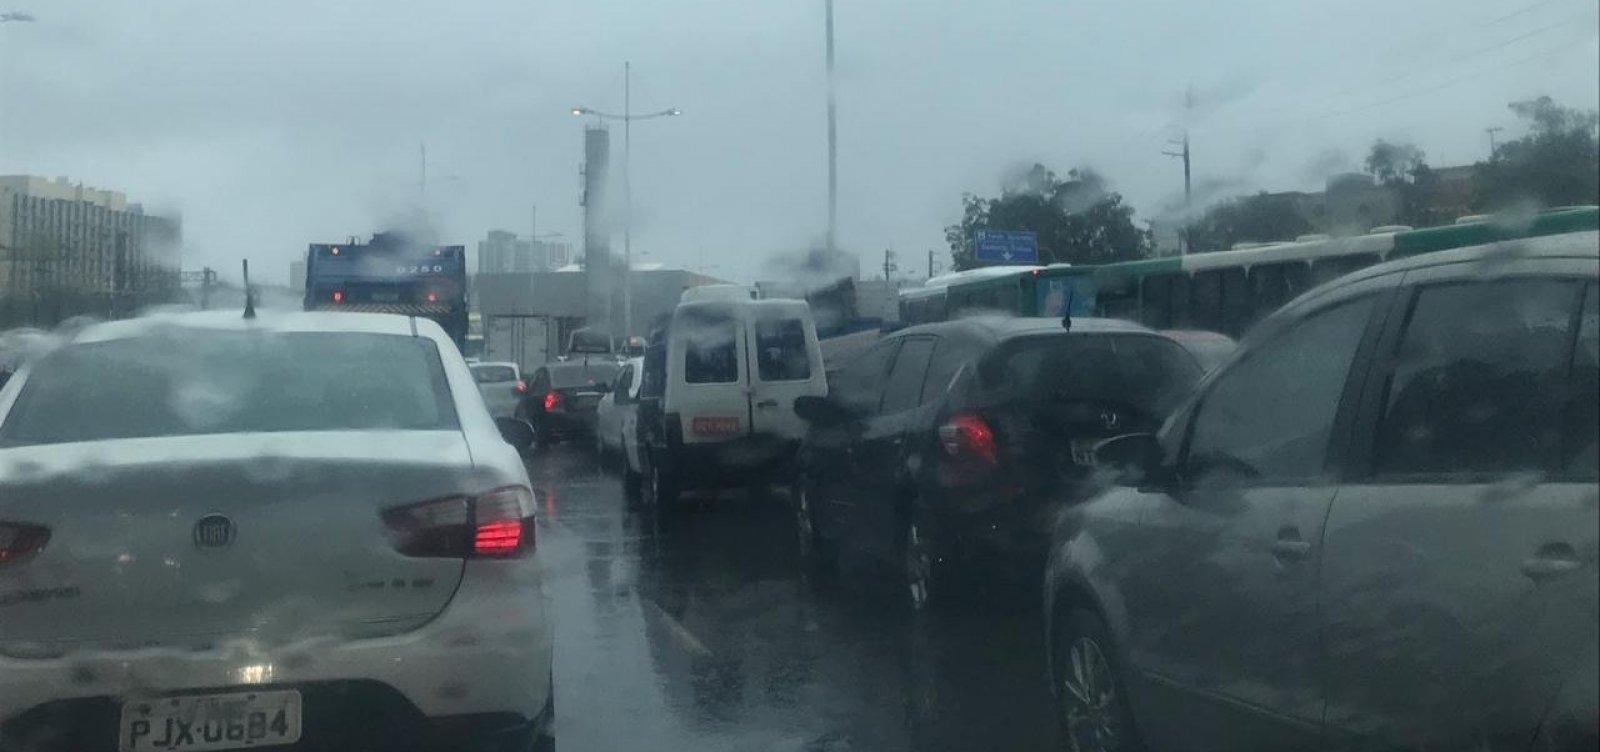 [Salvador terá chuvas fortes e ventos de até 61 km/h devido a frente fria; saiba mais]